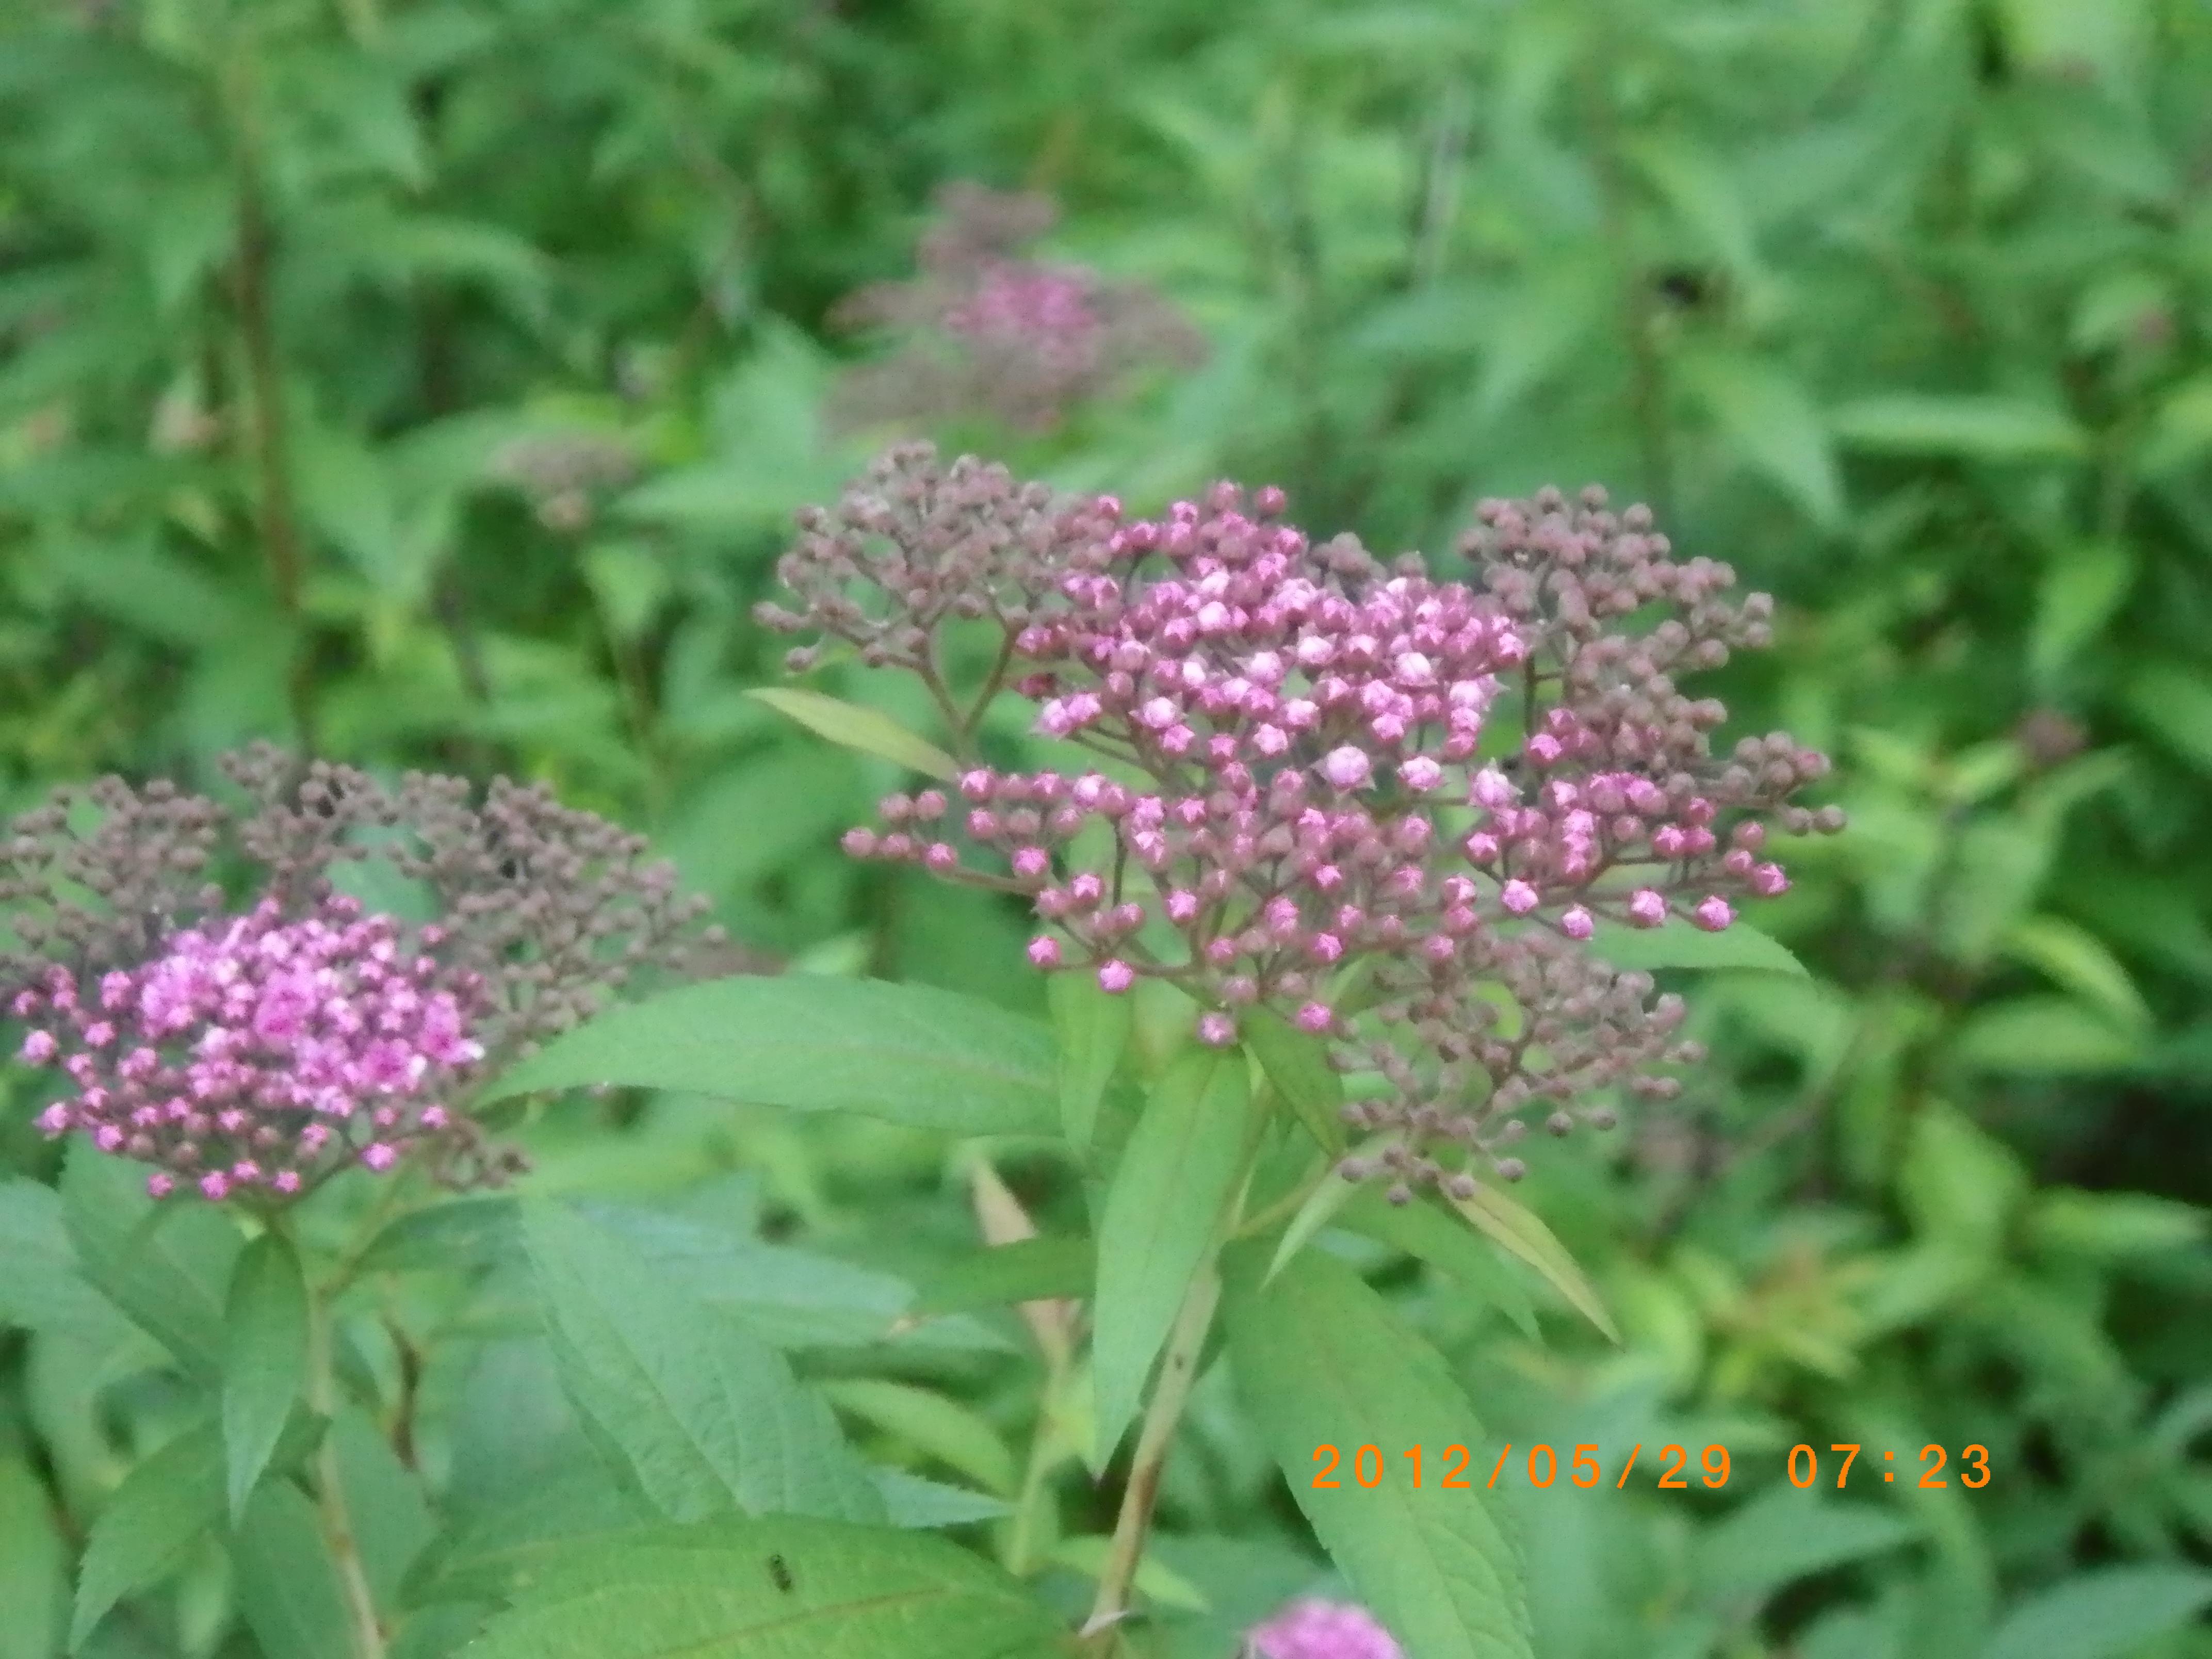 http://www.law-pro.jp/weblog/20120601.JPG